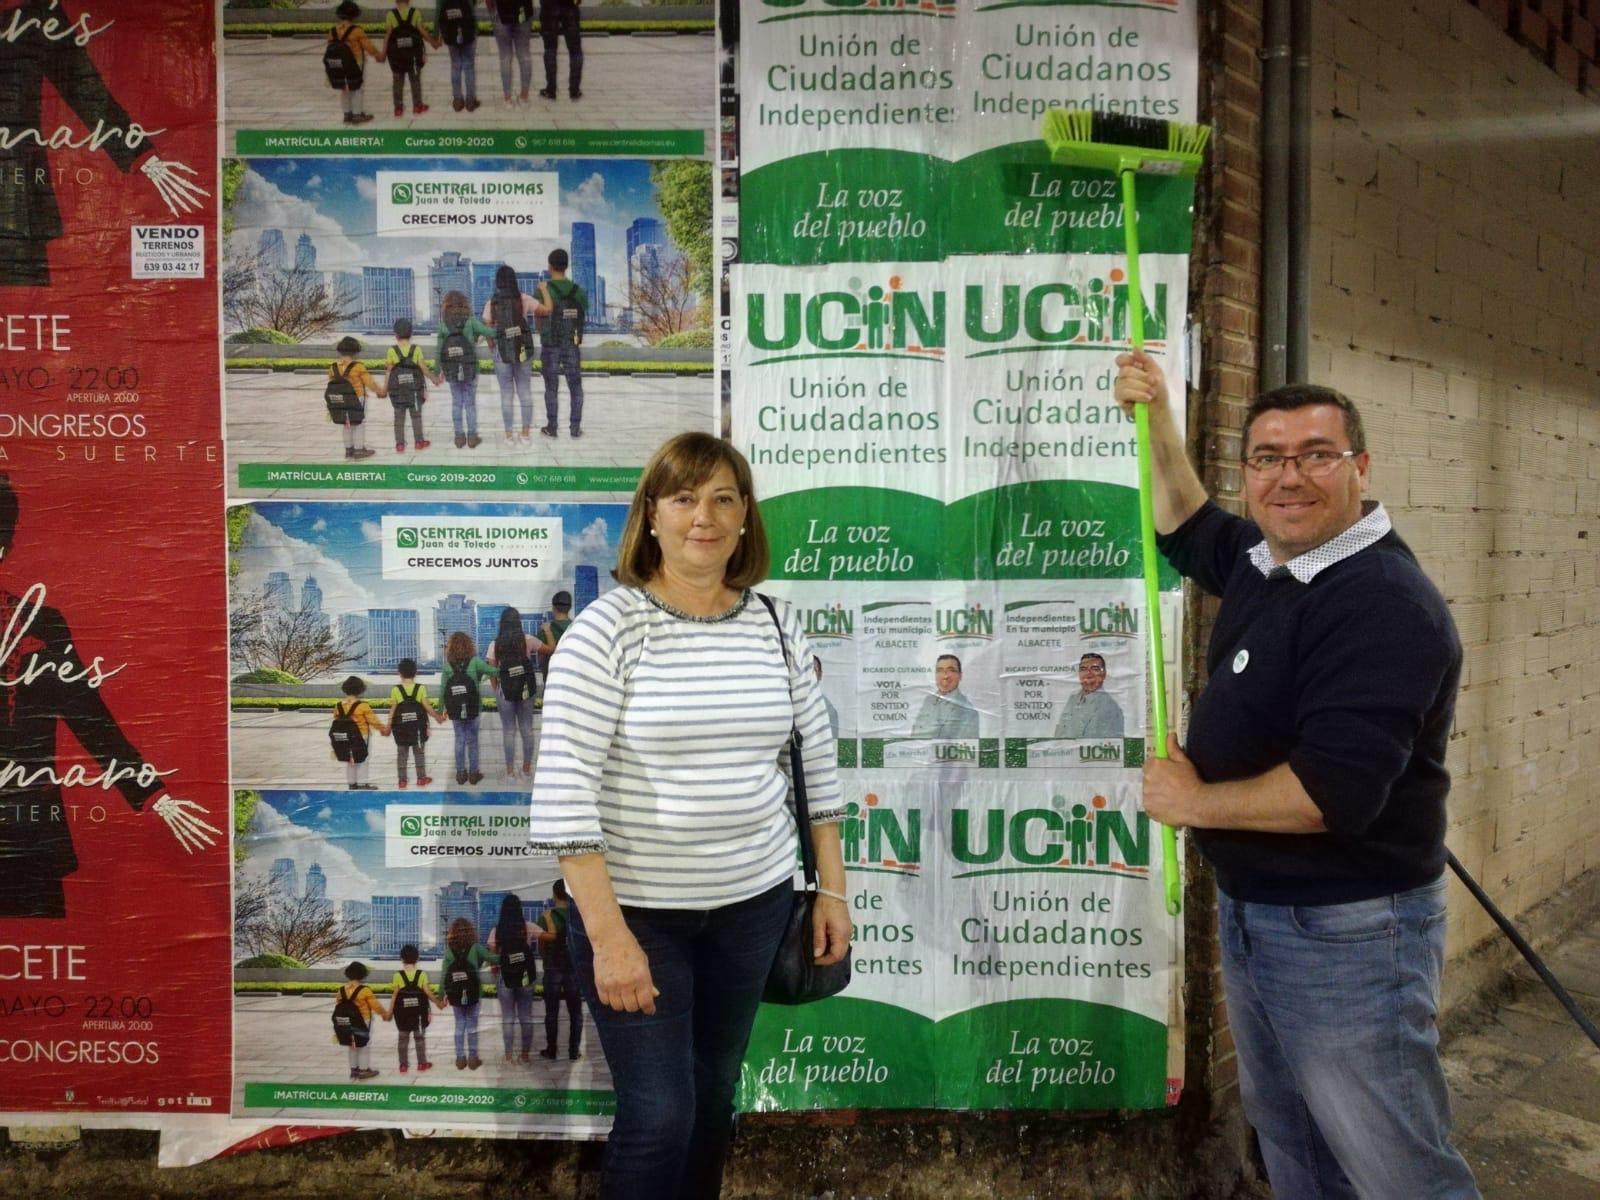 UCIN ALBACETE denuncia juego sucio en los carteles electorales